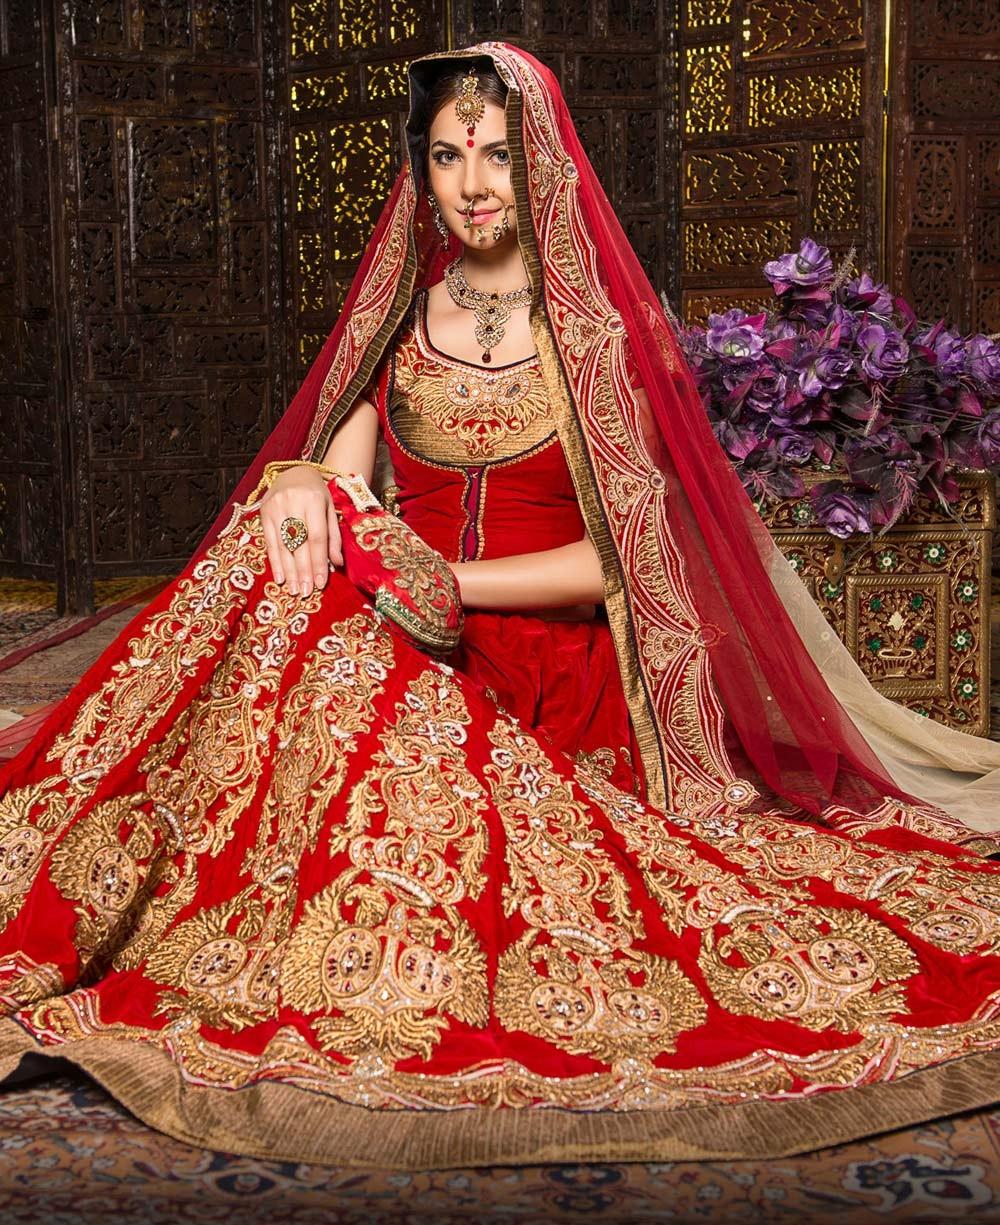 red-designer-bridal-lengha-in-velvet-ce0642-035